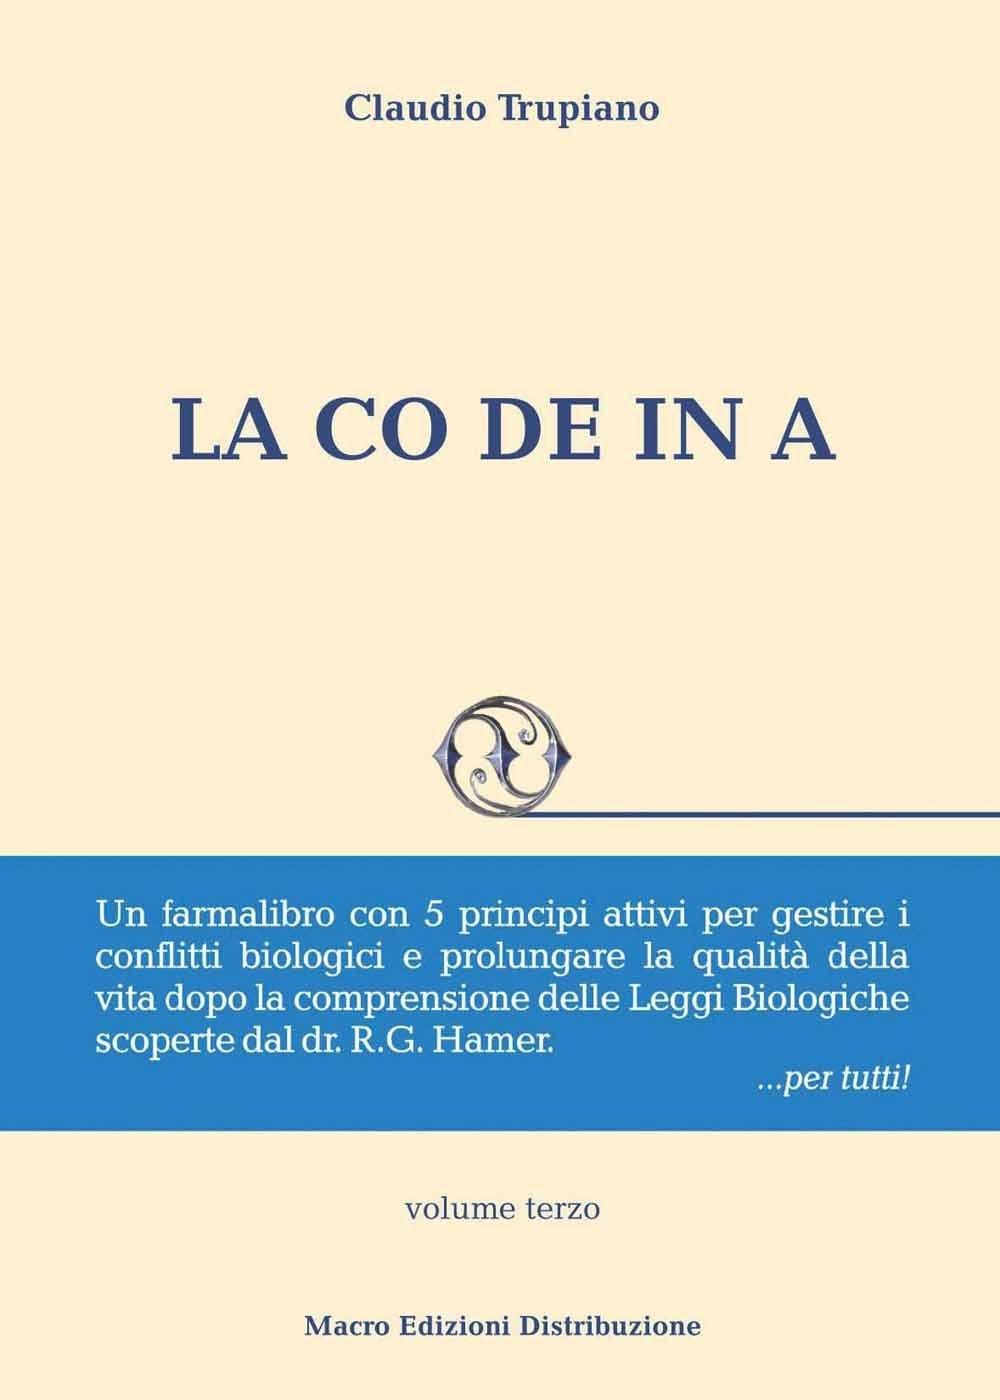 La codeina. Vol. 3